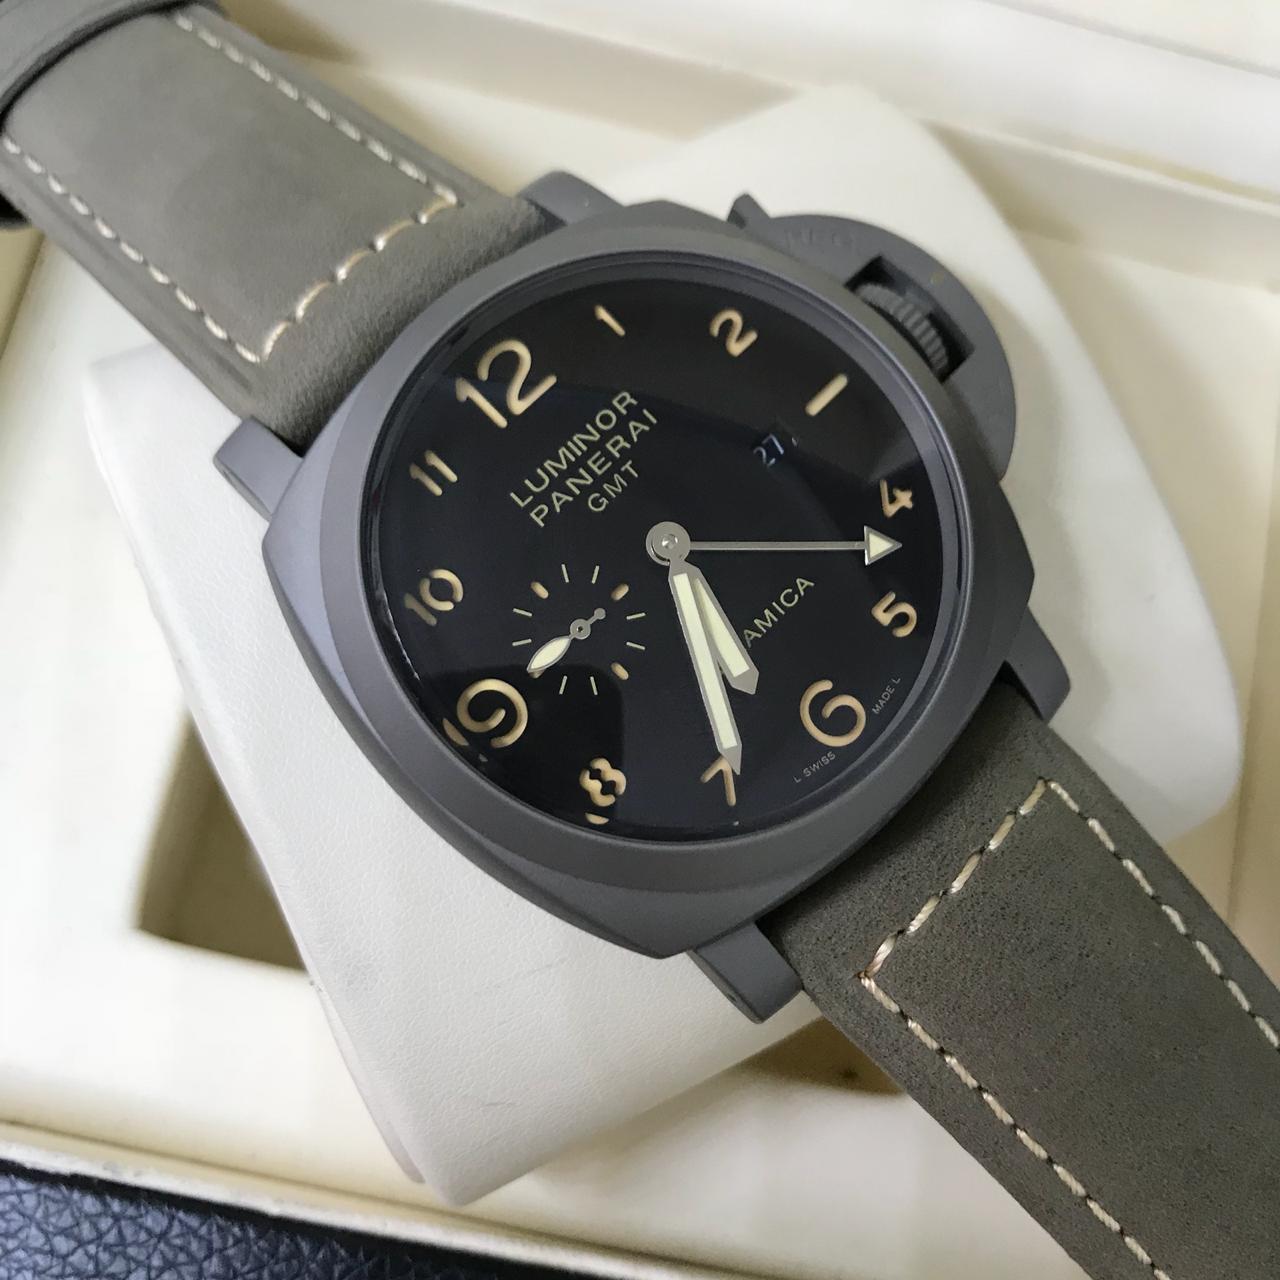 ed0c48a16ce Réplica de Relógio Panerai - PN 17 GMT Cerâmica